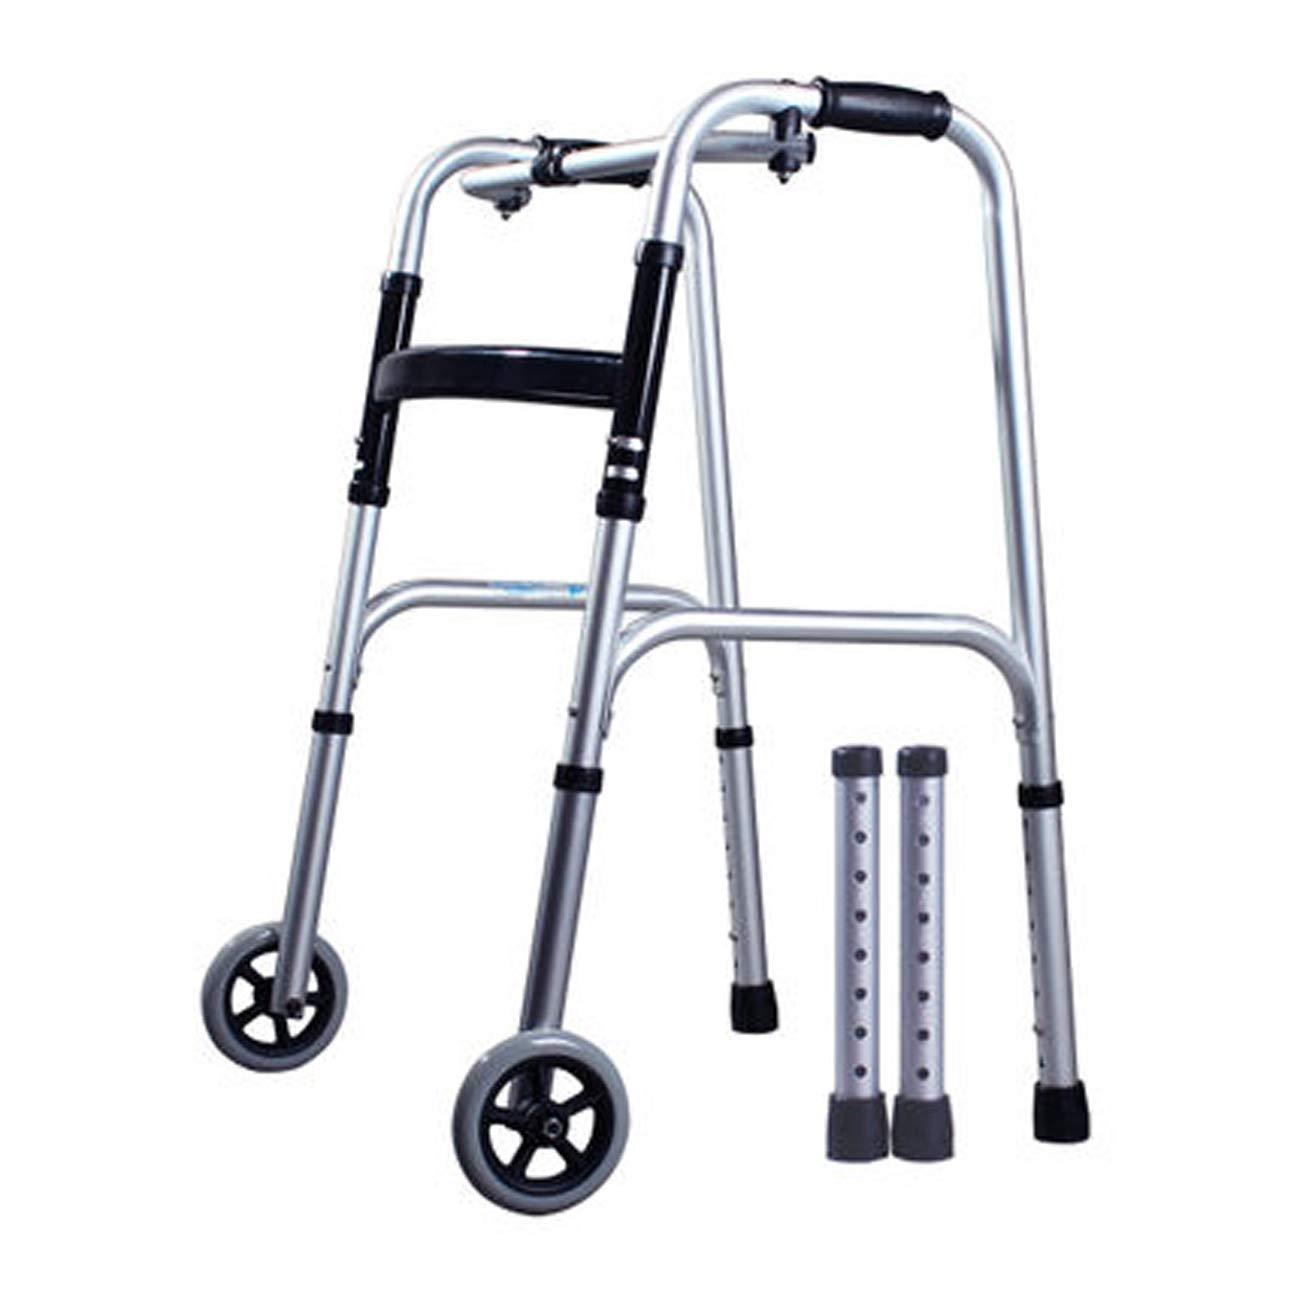 上品な 高齢者の歩行者 B)、高齢者のための歩行不能のスティック、2つのキャスターを歩く4足歩行スティック、マルチスタイルのオプション (設計 : B) B07L76G41Z (設計 B B07L76G41Z, SUZUMORIオンライン:dd187f5a --- a0267596.xsph.ru